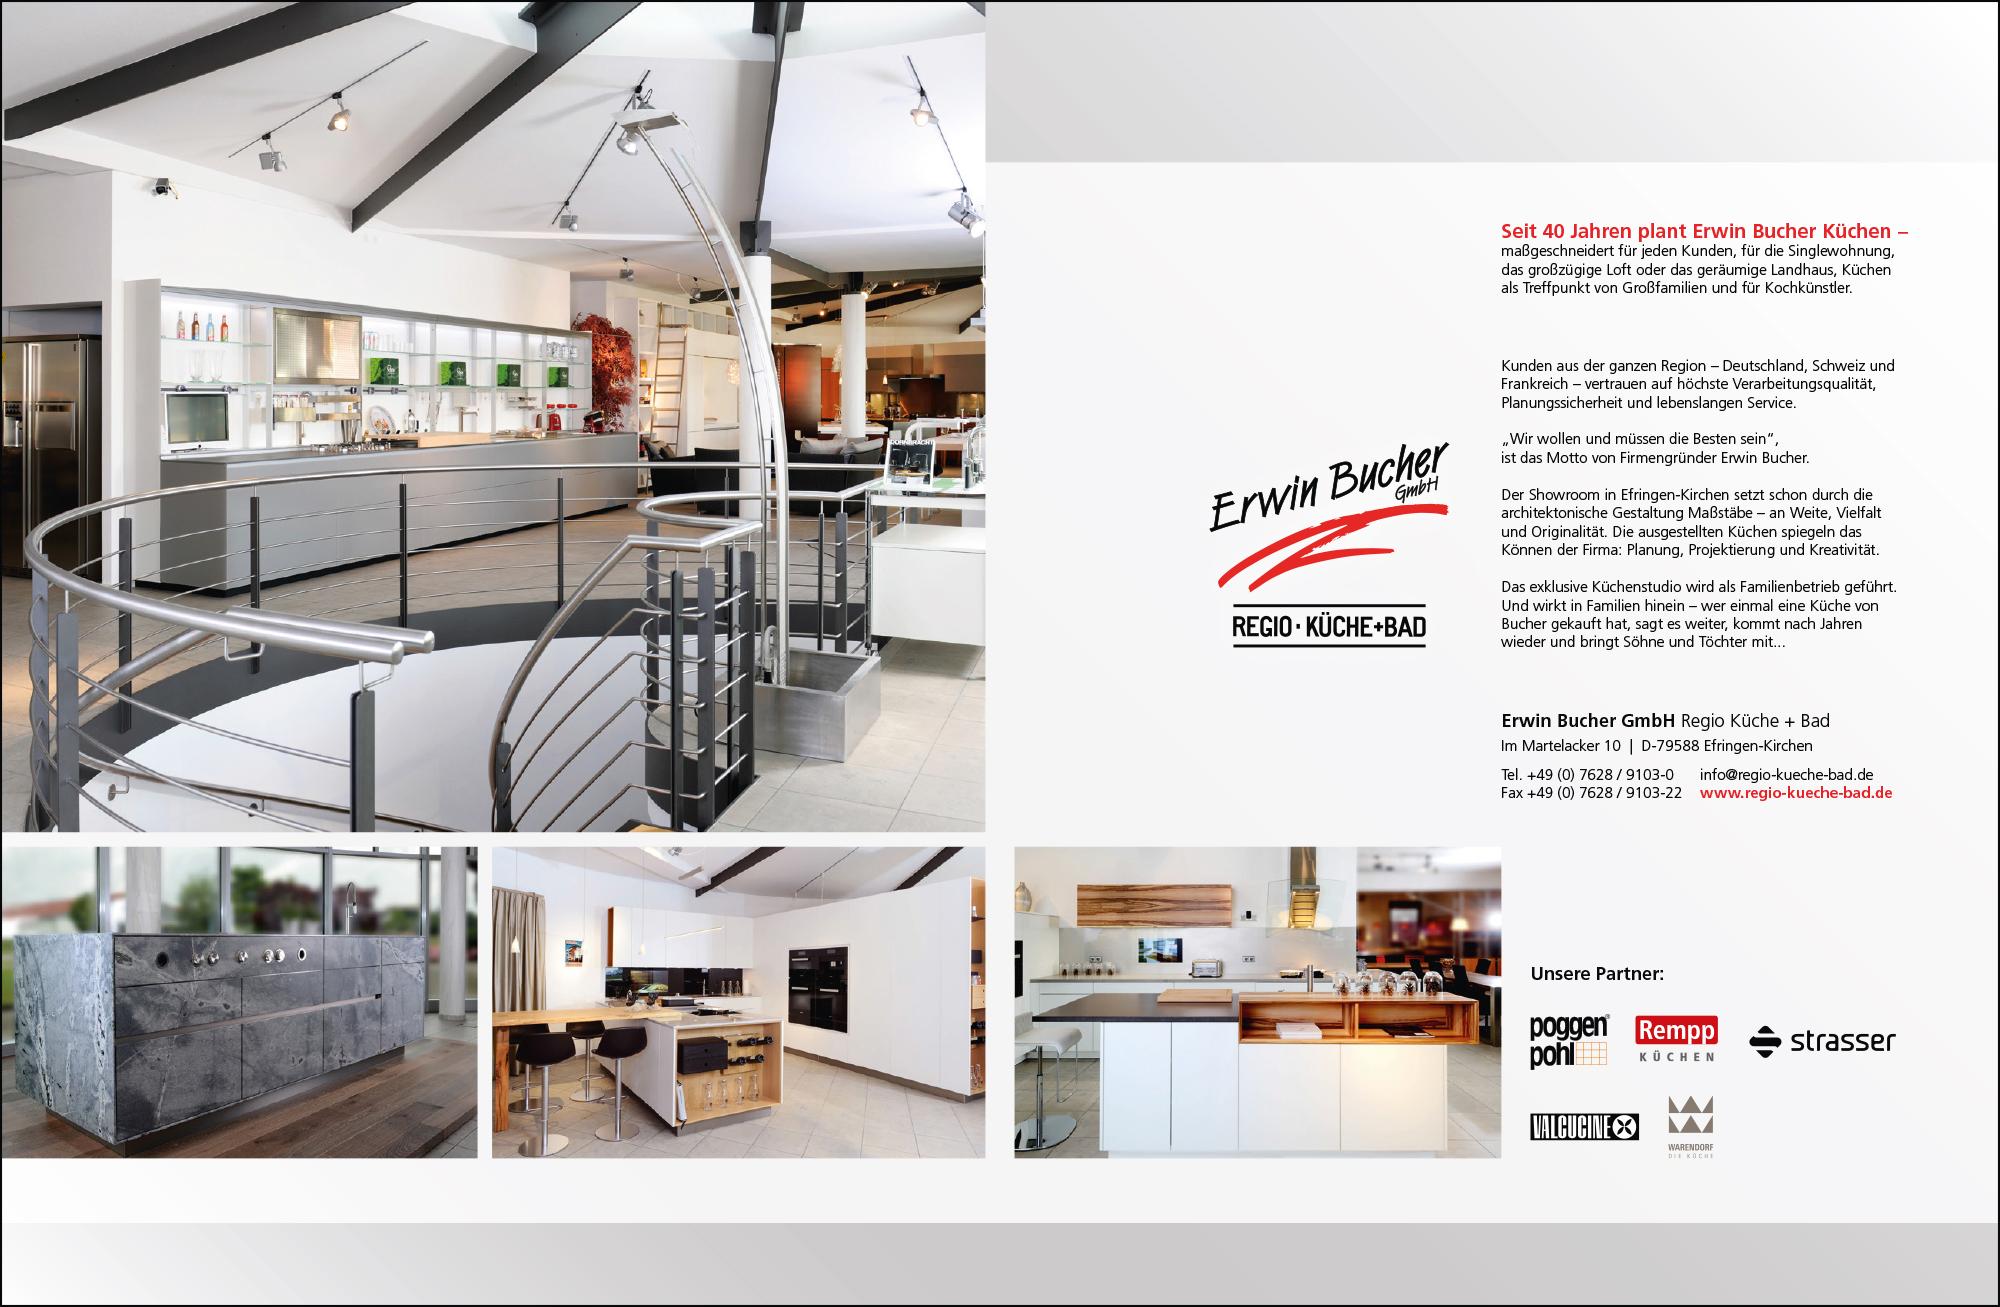 Groß Ferguson Bad Küche & Amp; Beleuchtung Galerie Bilder - Küche ...